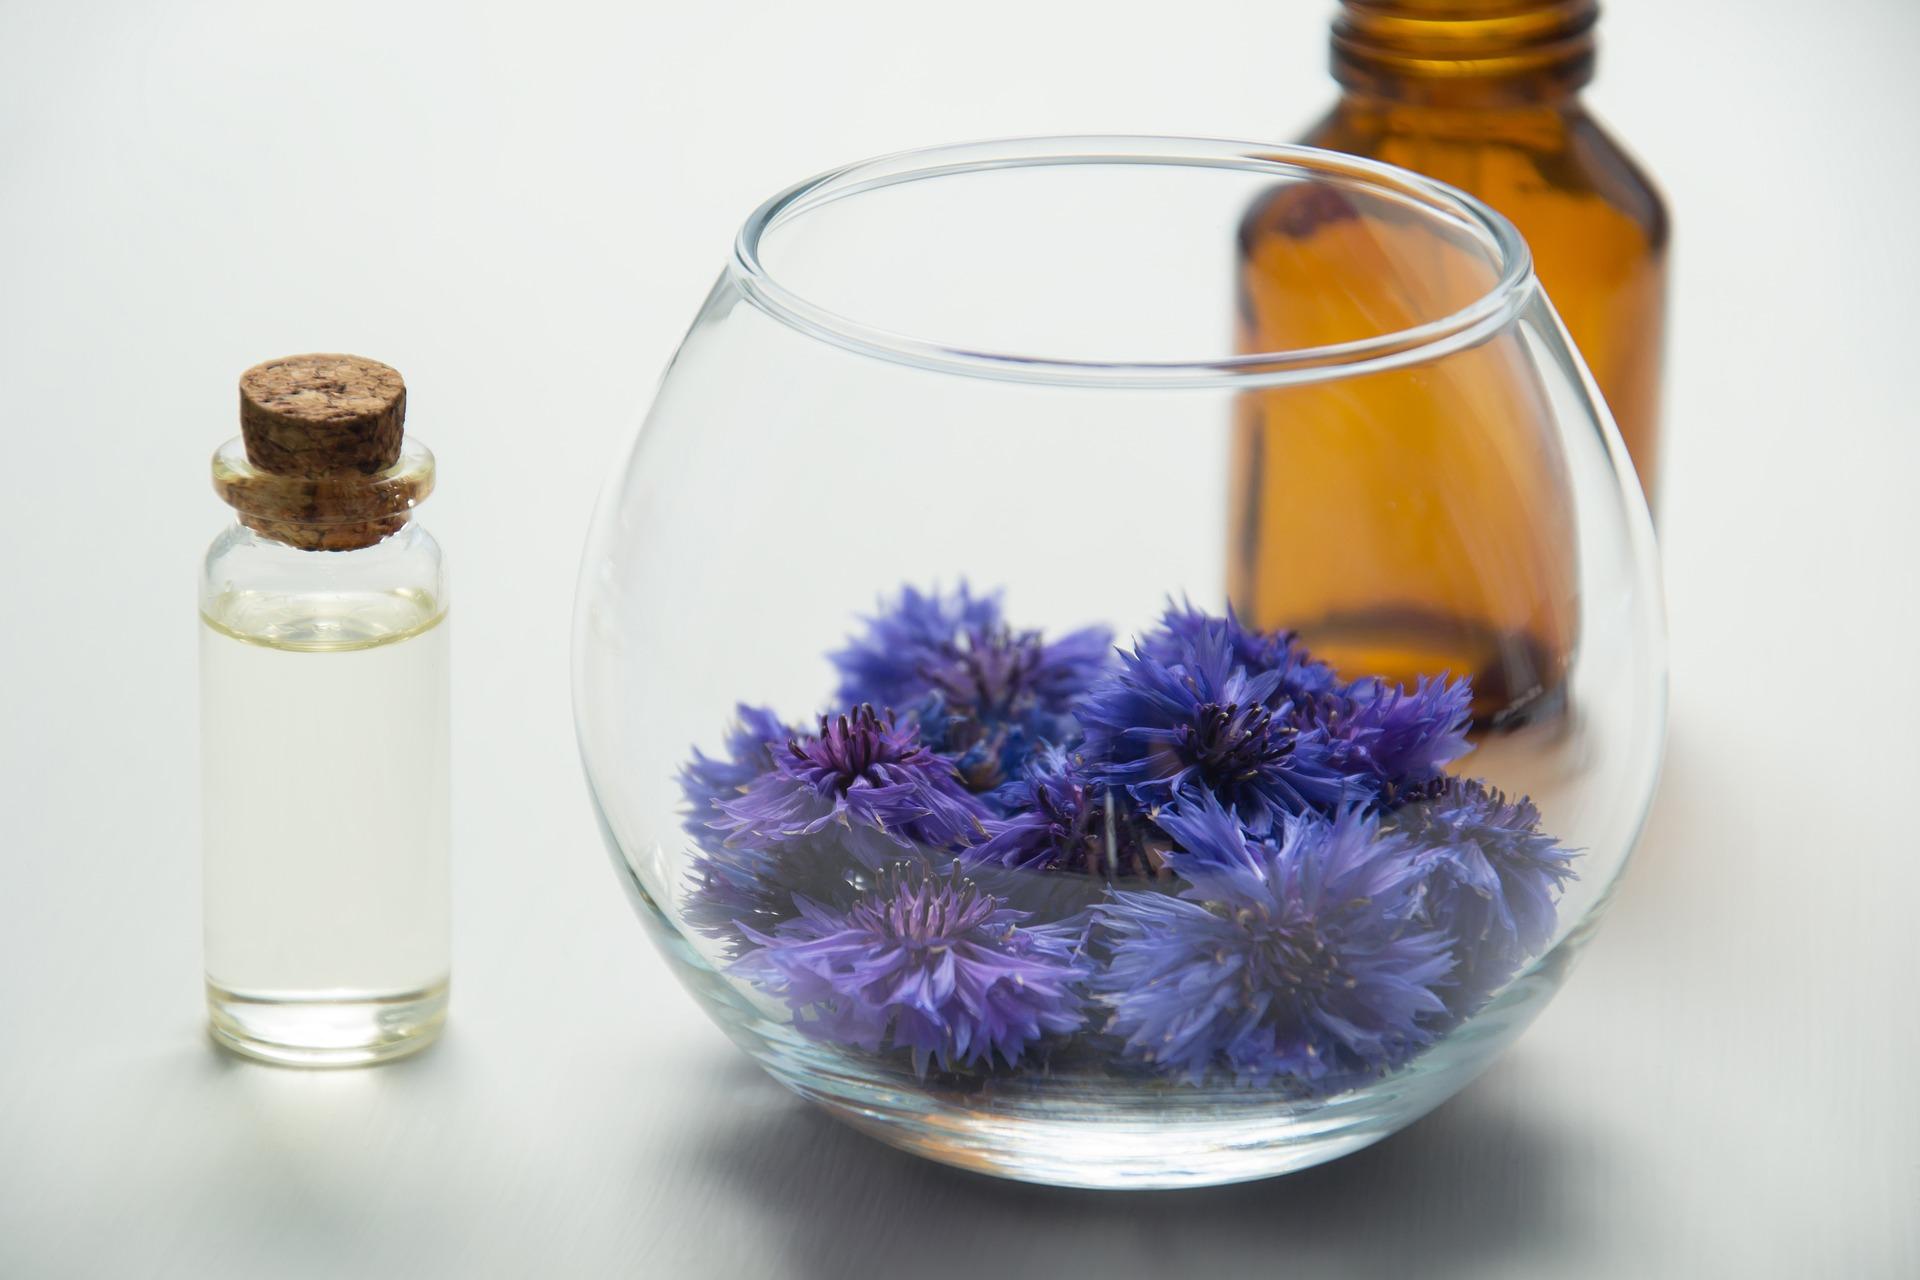 Kosmetyki naturalne: ciekawe marki i producenci – część 4